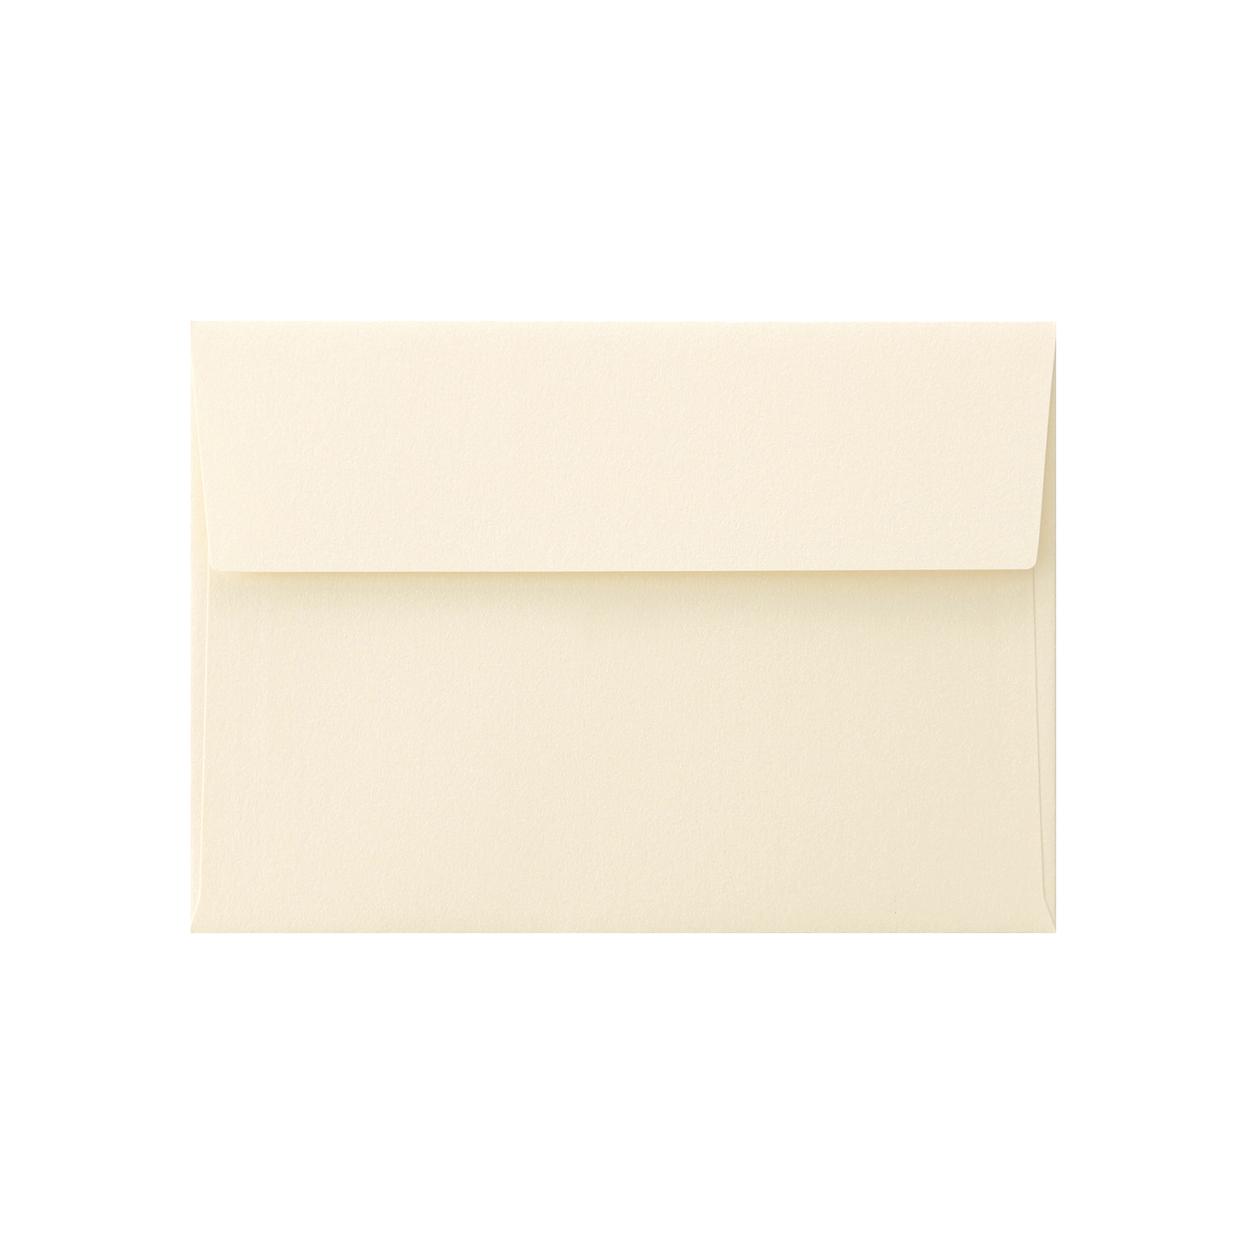 洋2カマス封筒 コットンパール ナチュラル 125.3g